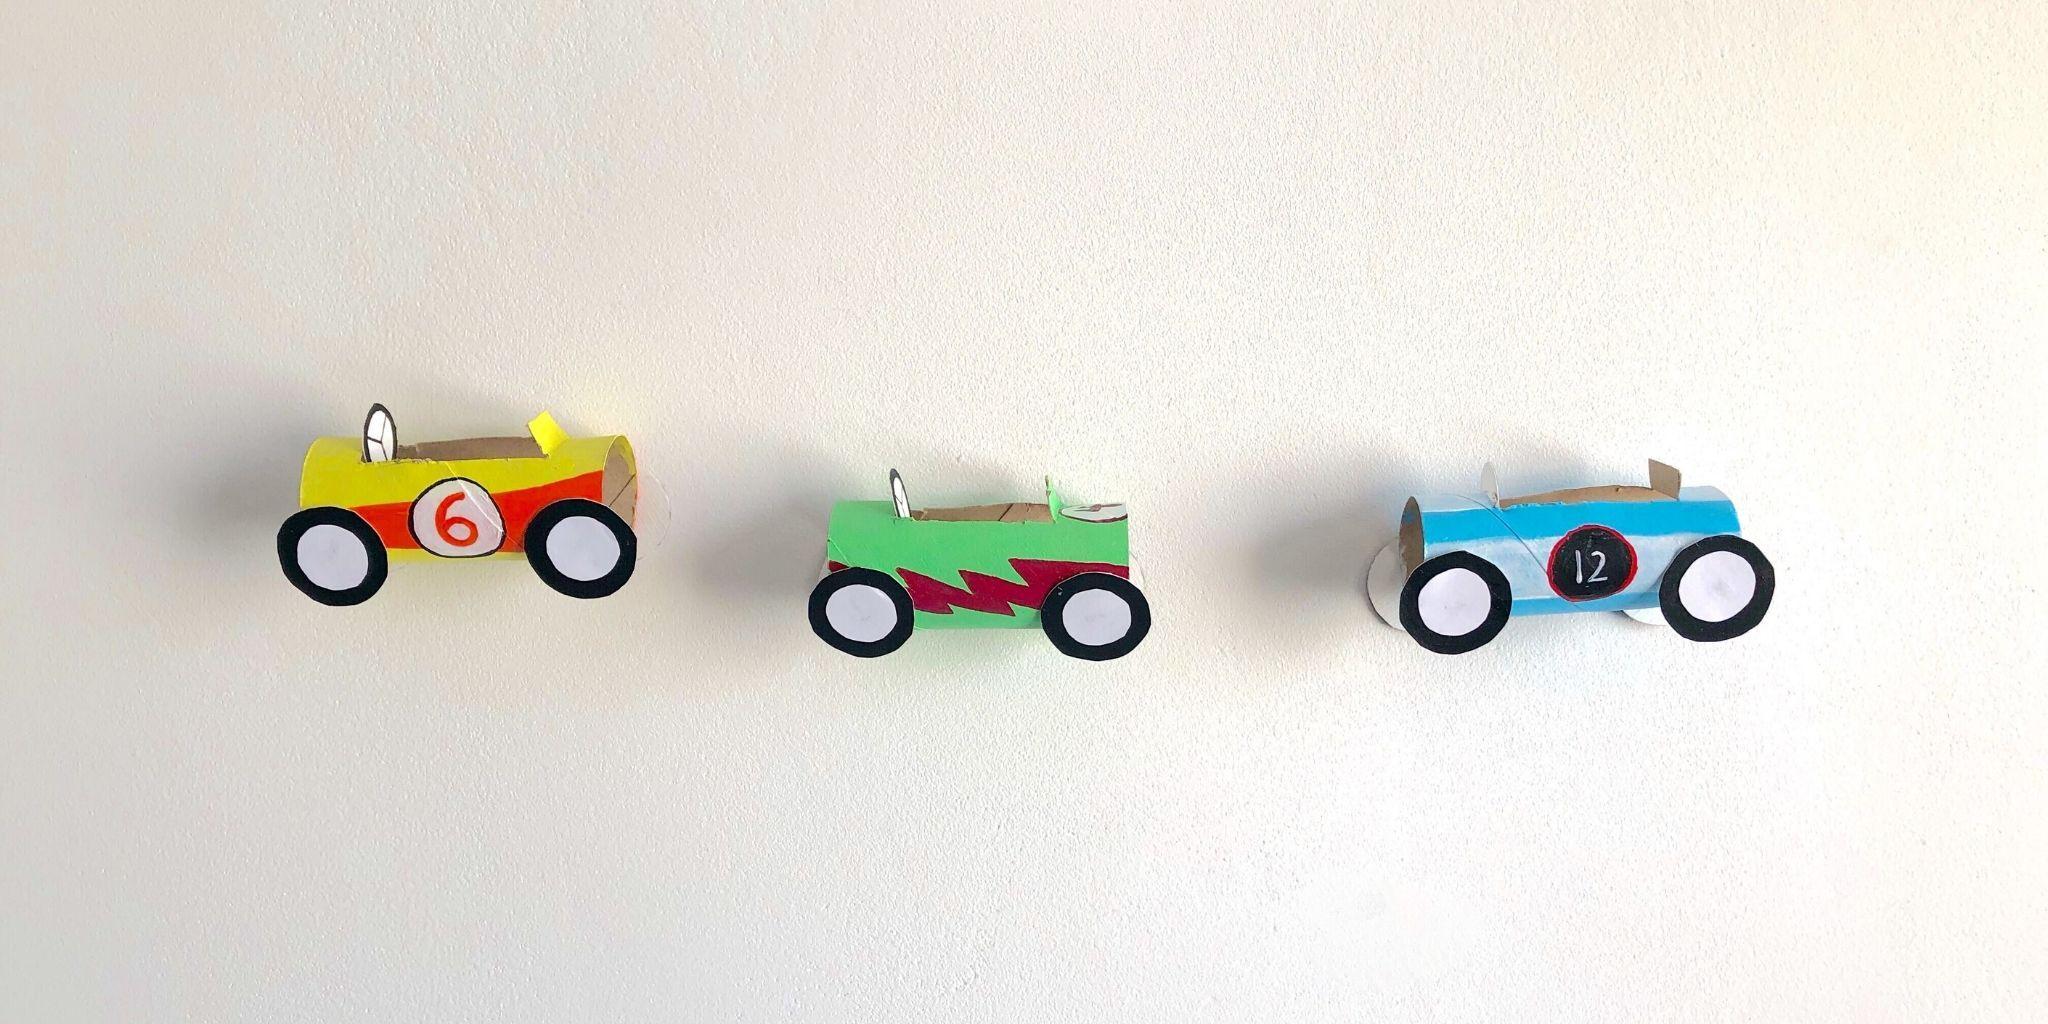 Wc-rol racewagens